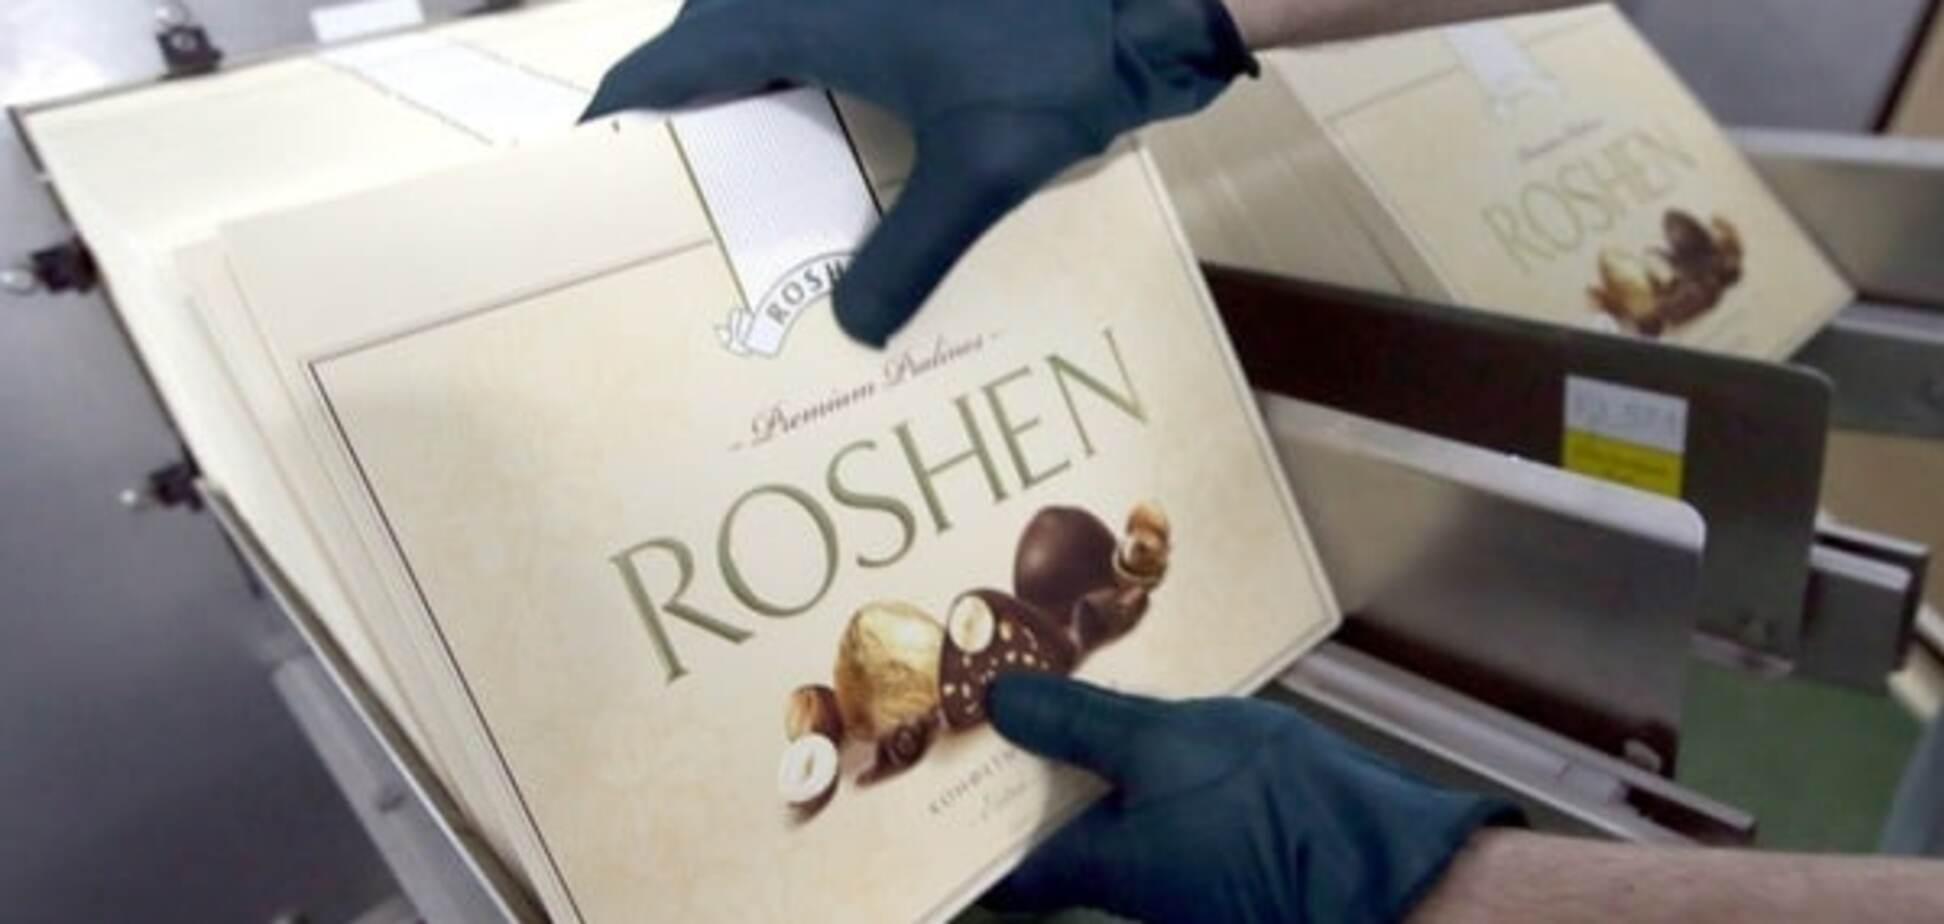 Посол США отреагировал на передачу Порошенко своей доли в Roshen